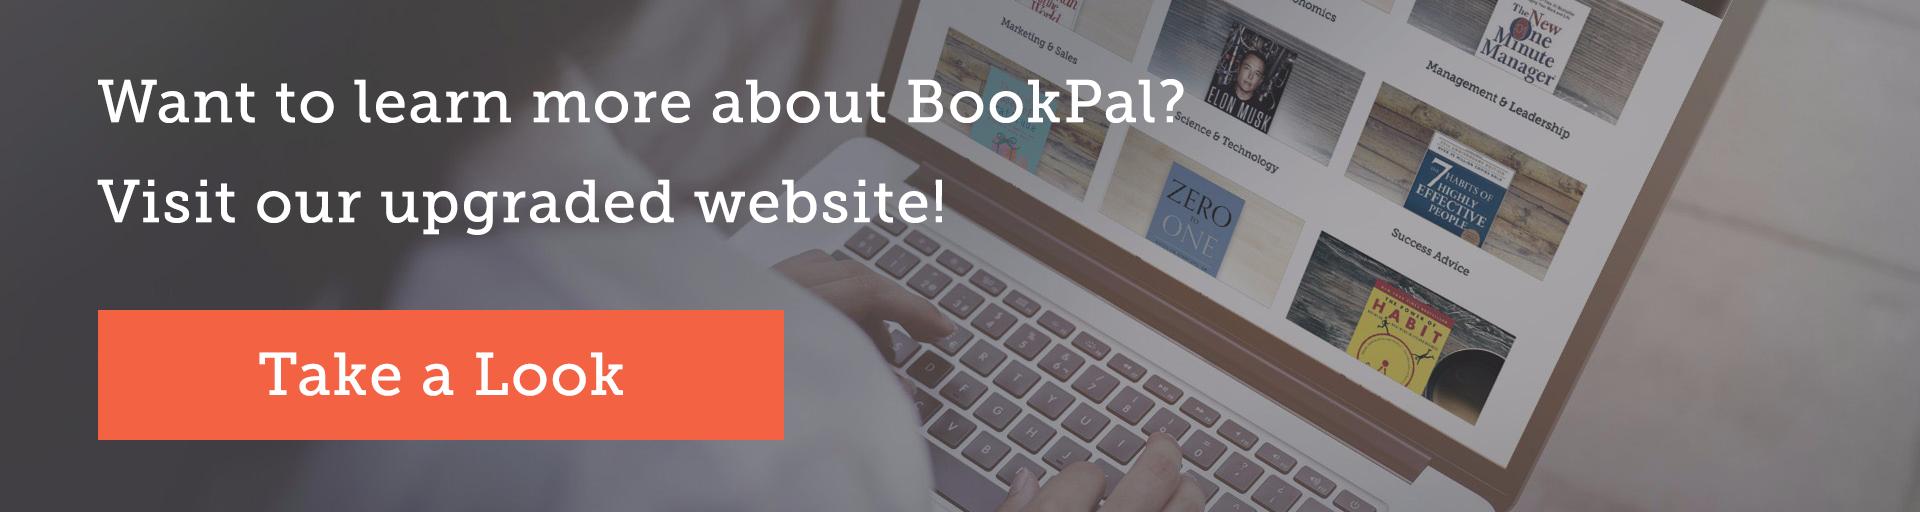 BookPal website cta